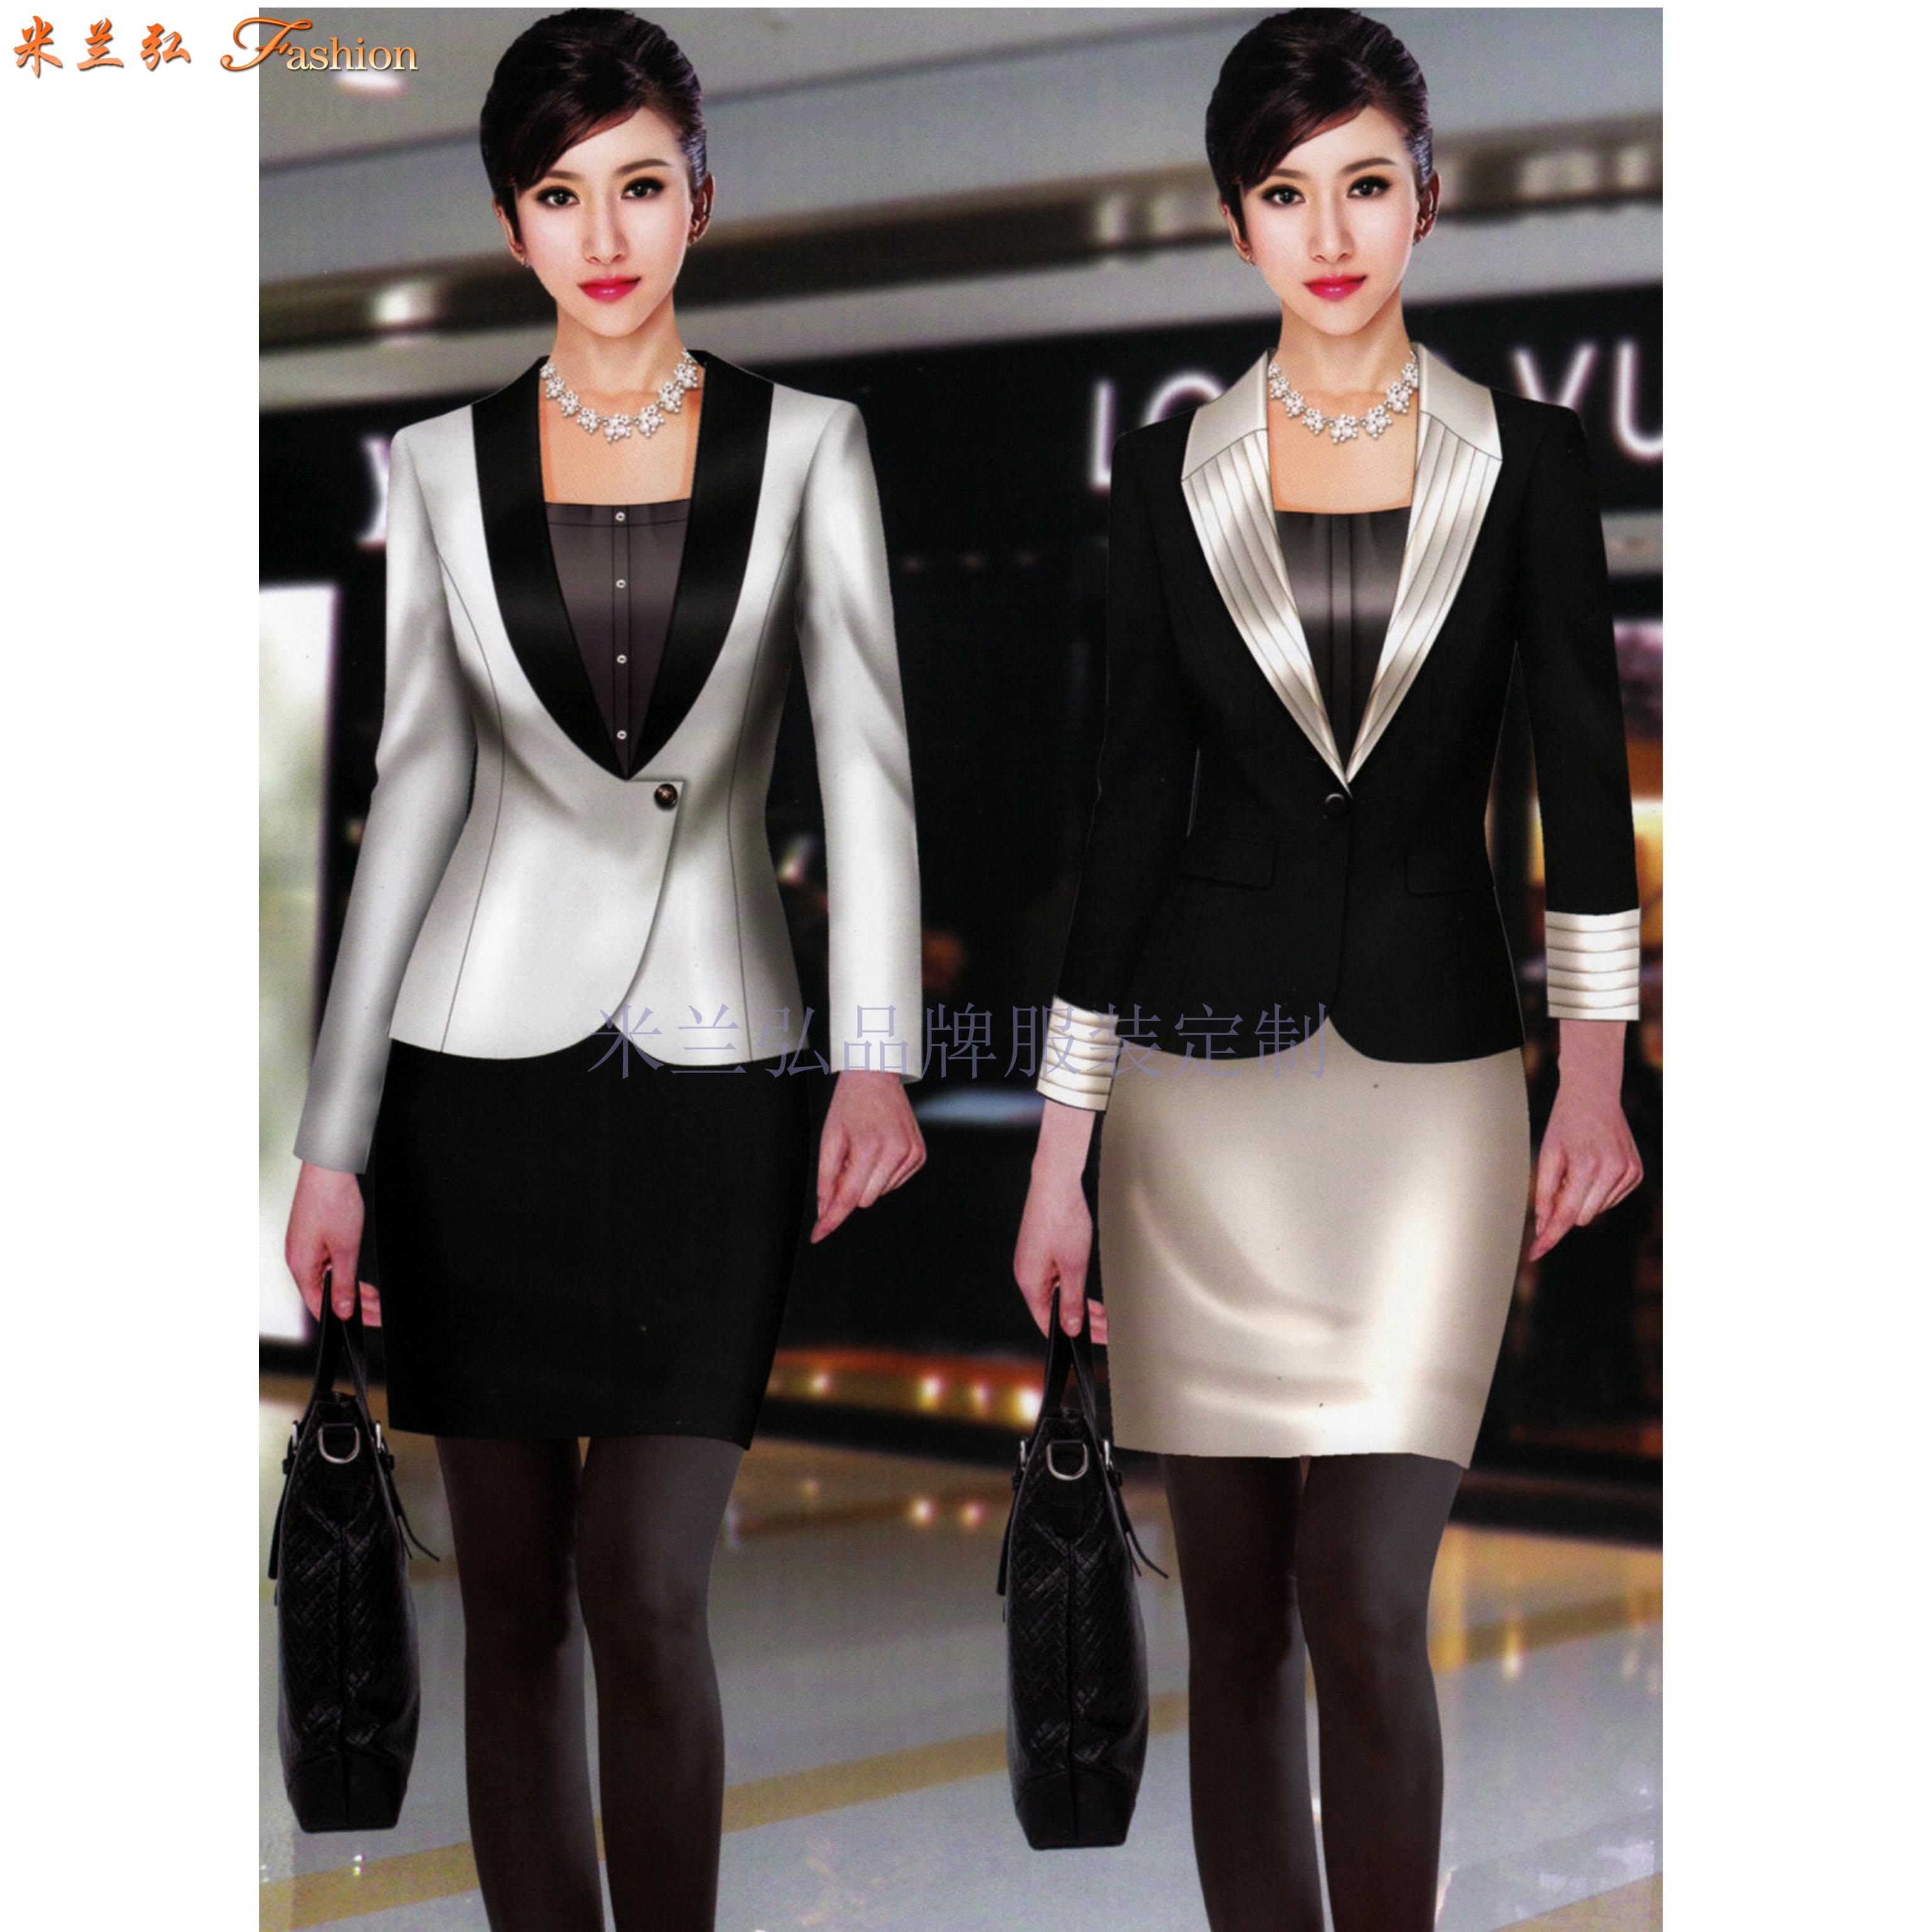 北京女士職業裝定制及北京時尚職業裝定做_北京通勤職業裝訂制-1